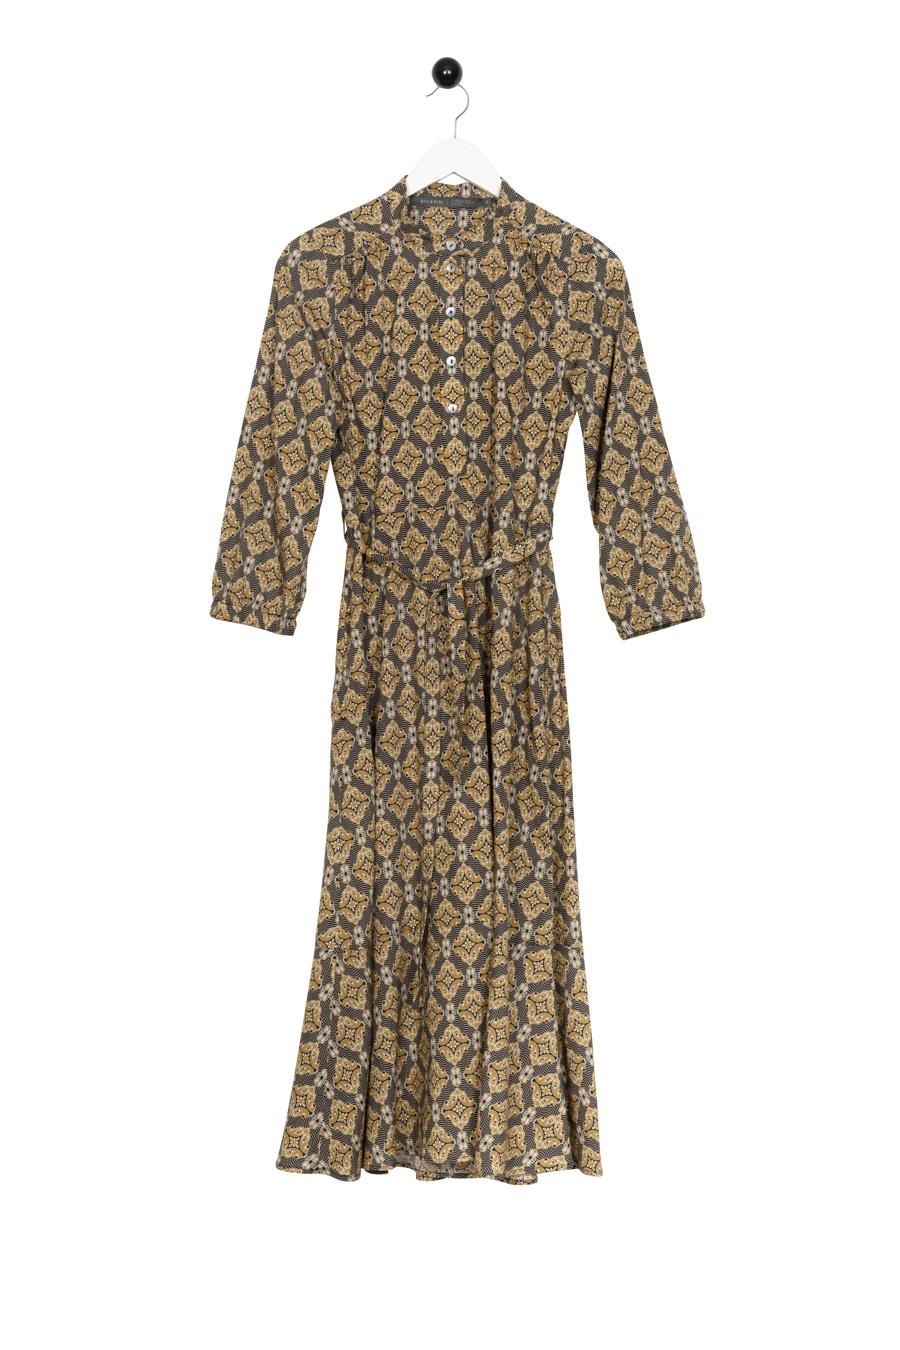 Stureby Dress